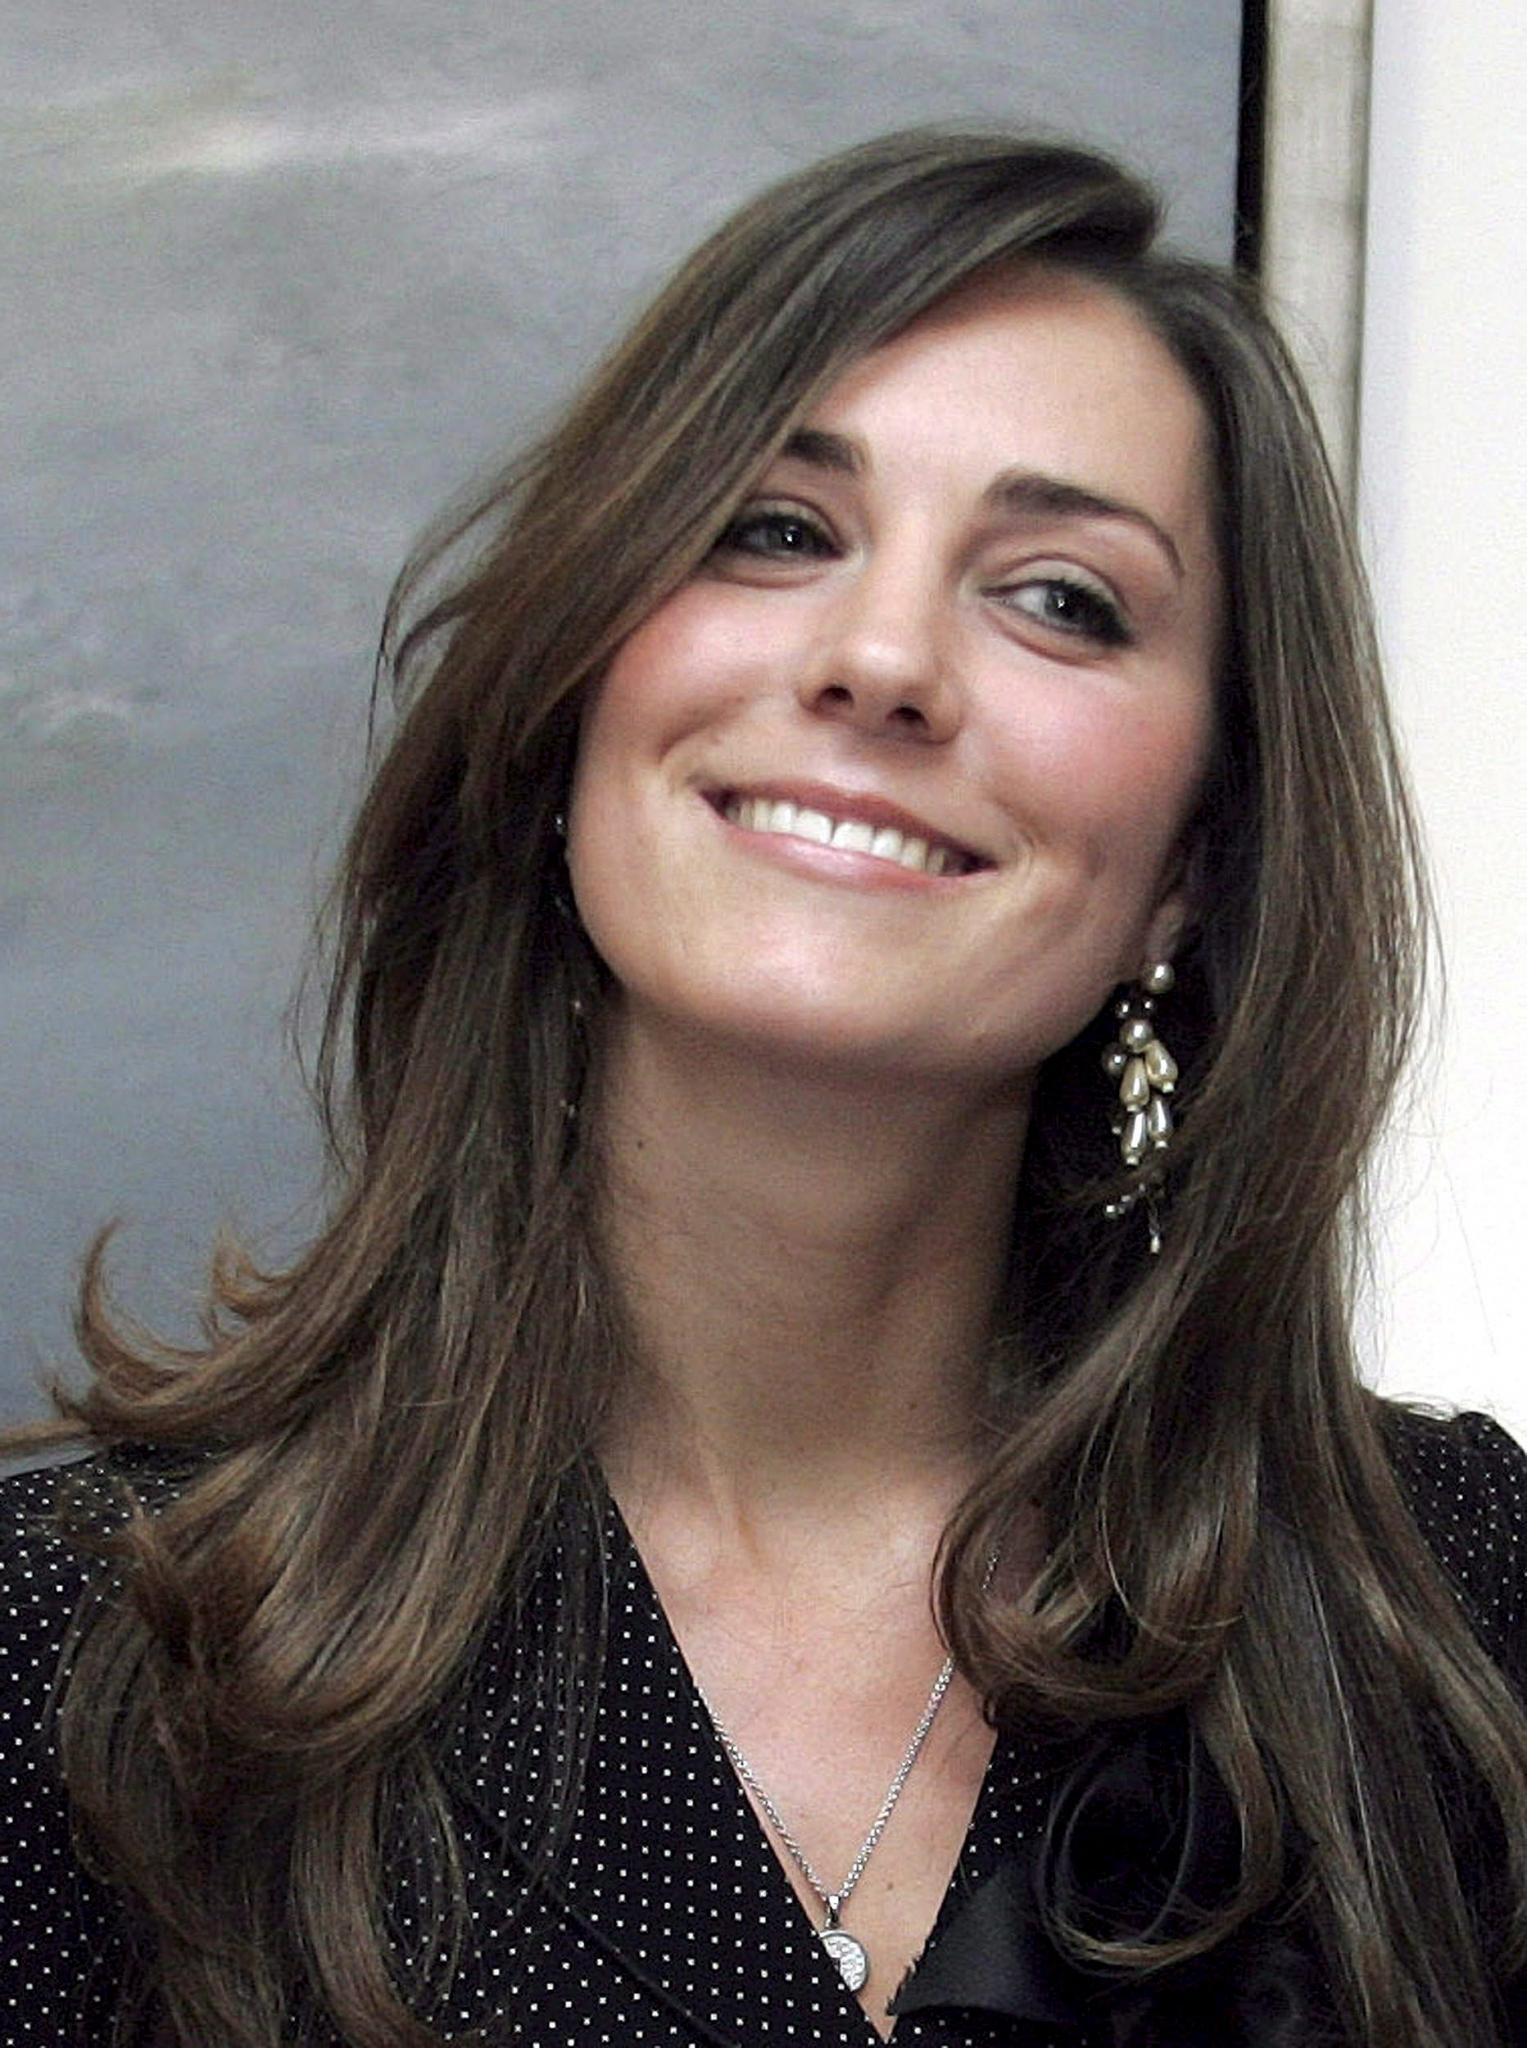 Alba Jove Olesti Porno https://www.ultimahora.es/vips/quien-es-quien/2011/01/01